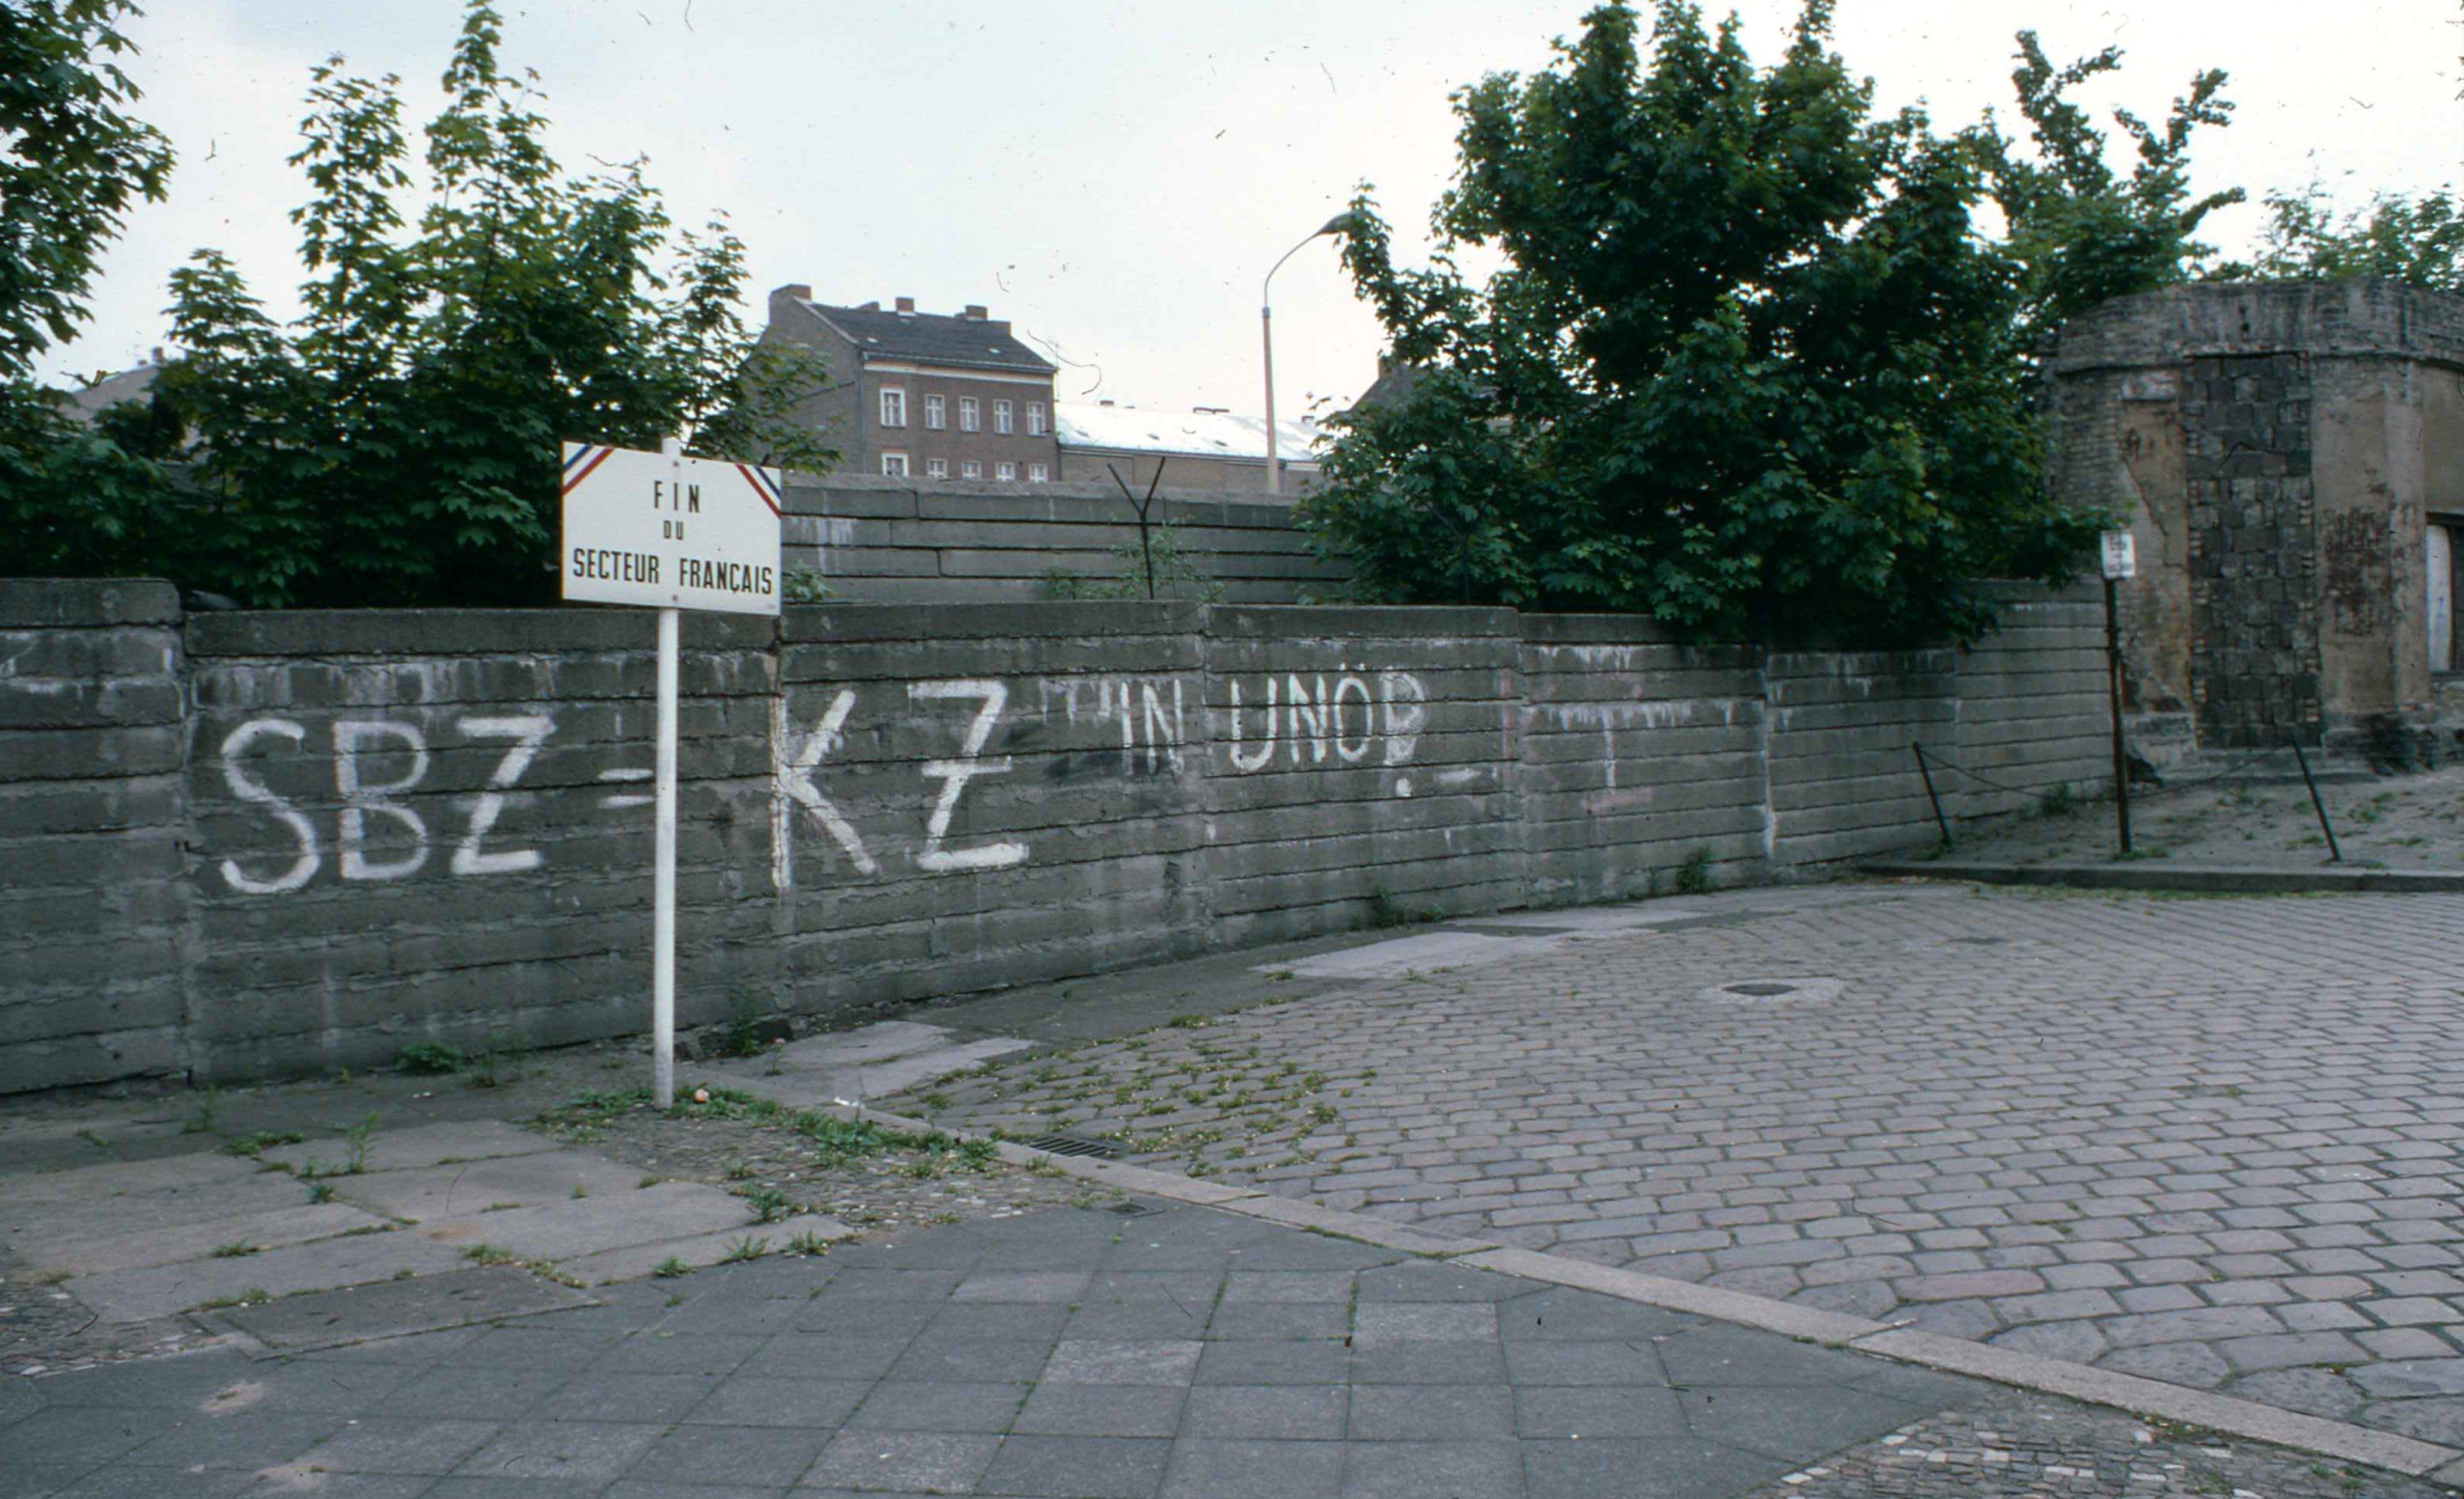 File berlin wall 1978 sbz kz jpg wikimedia commons